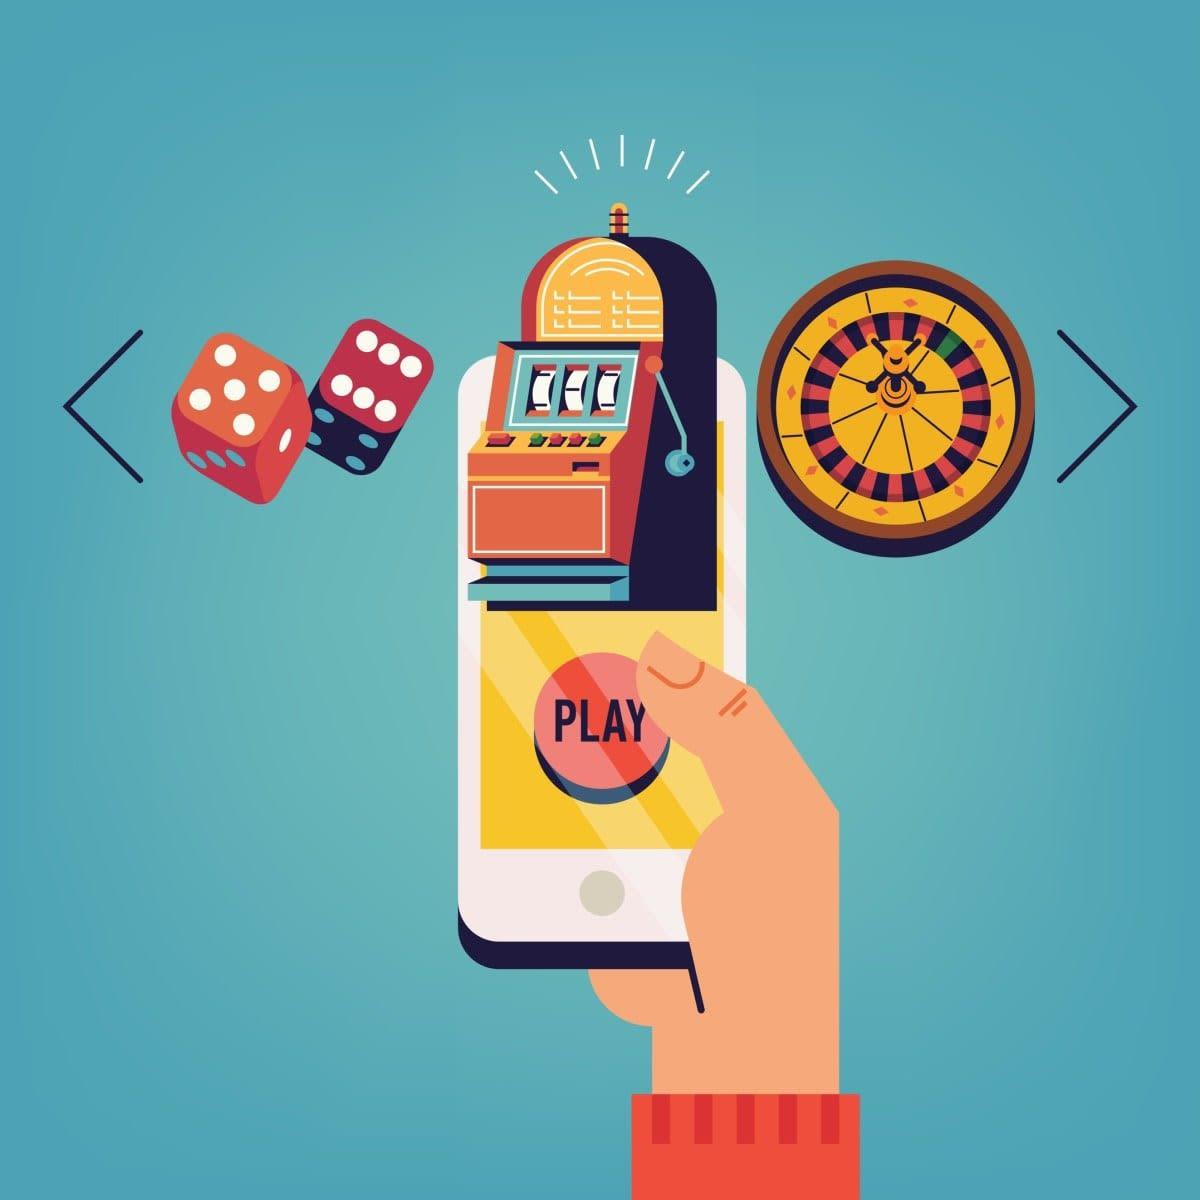 Mobilcasinoer Spil Online